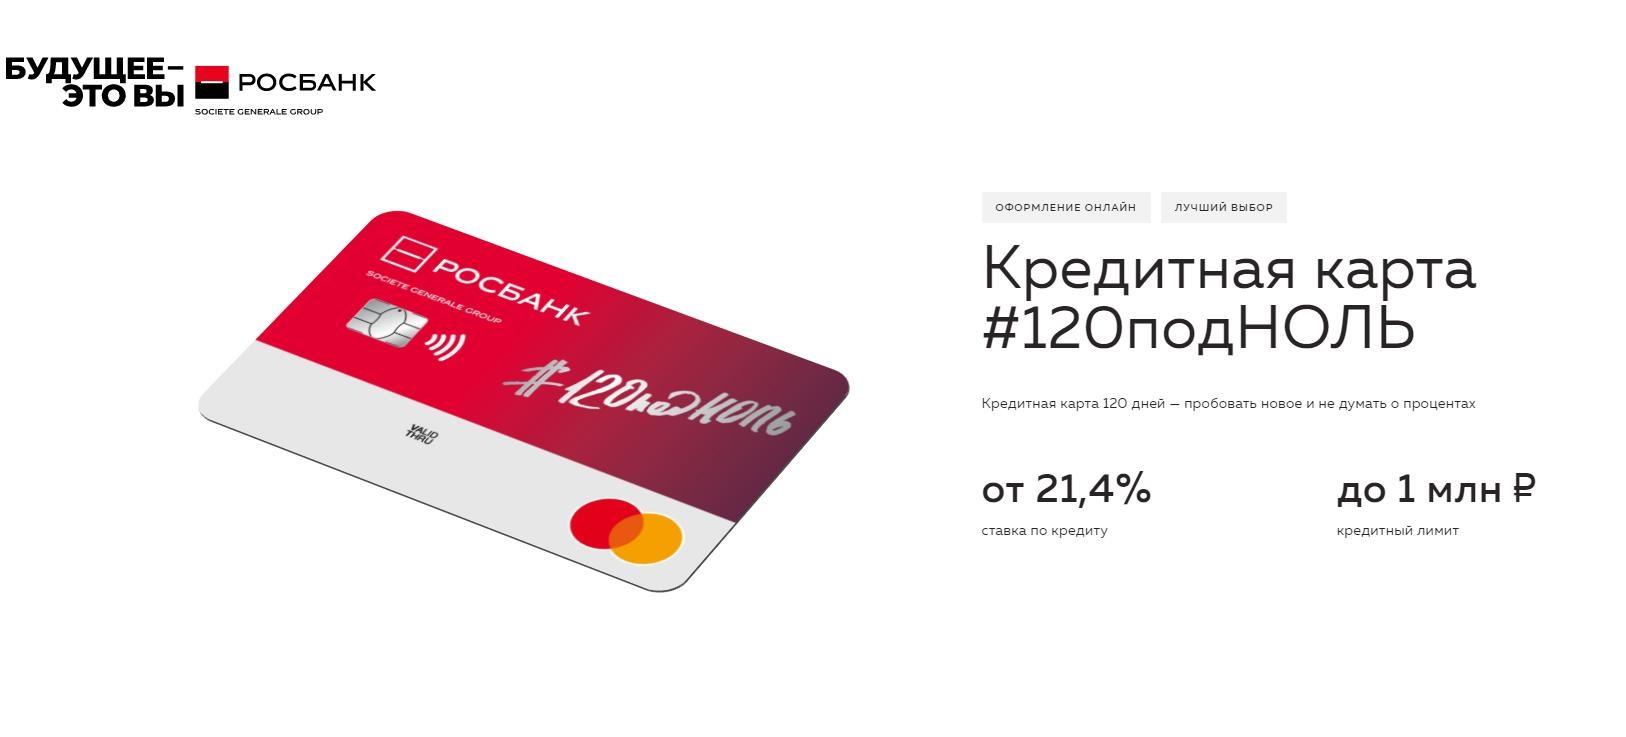 почта банк оформить кредитную карту 120 дней купить lada largus cross 5 в кредит